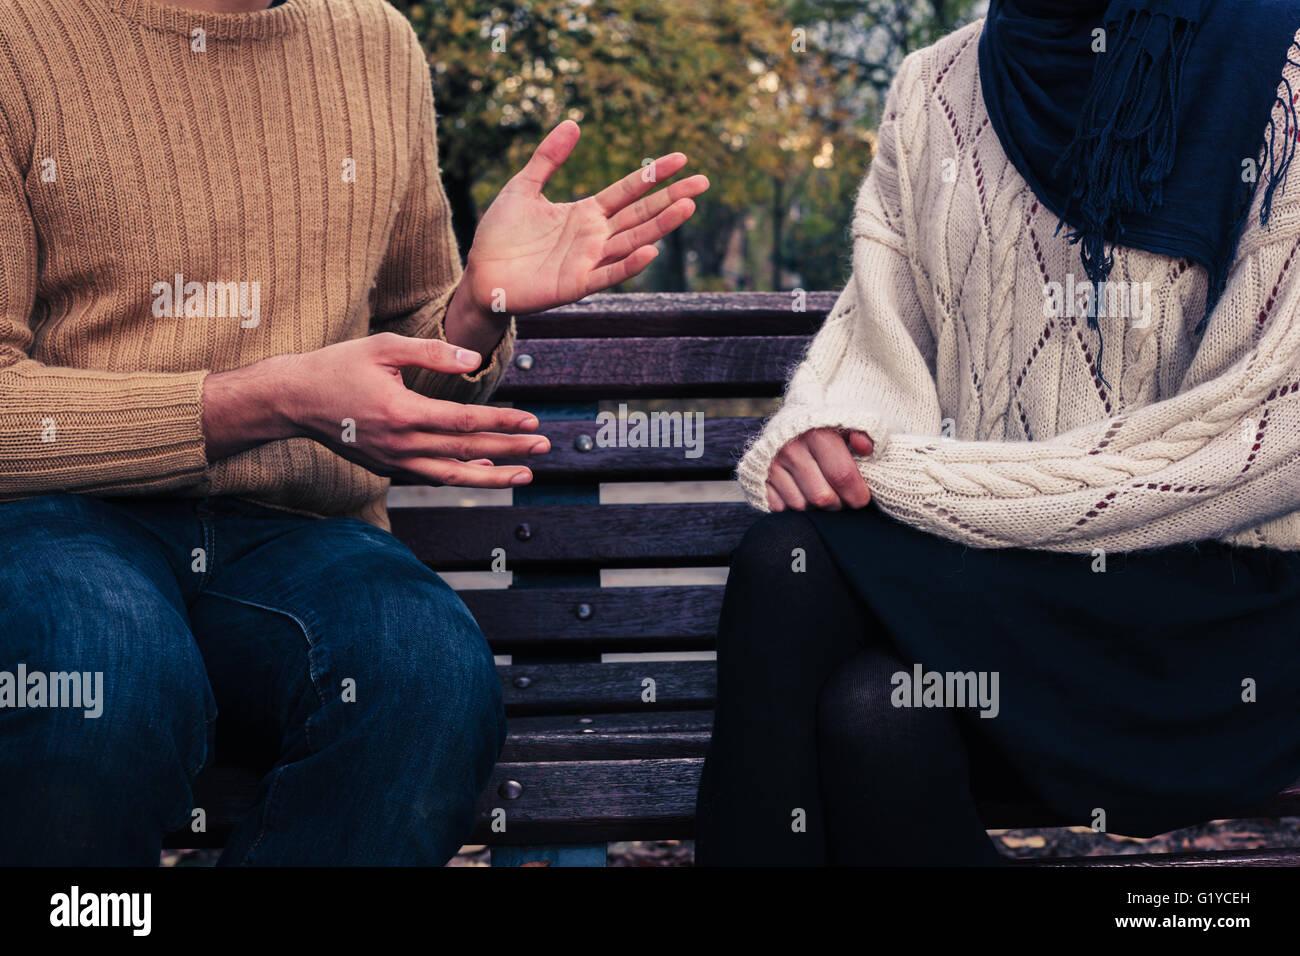 Un hombre joven y una mujer están sentados en un banco del parque y argumentando Imagen De Stock